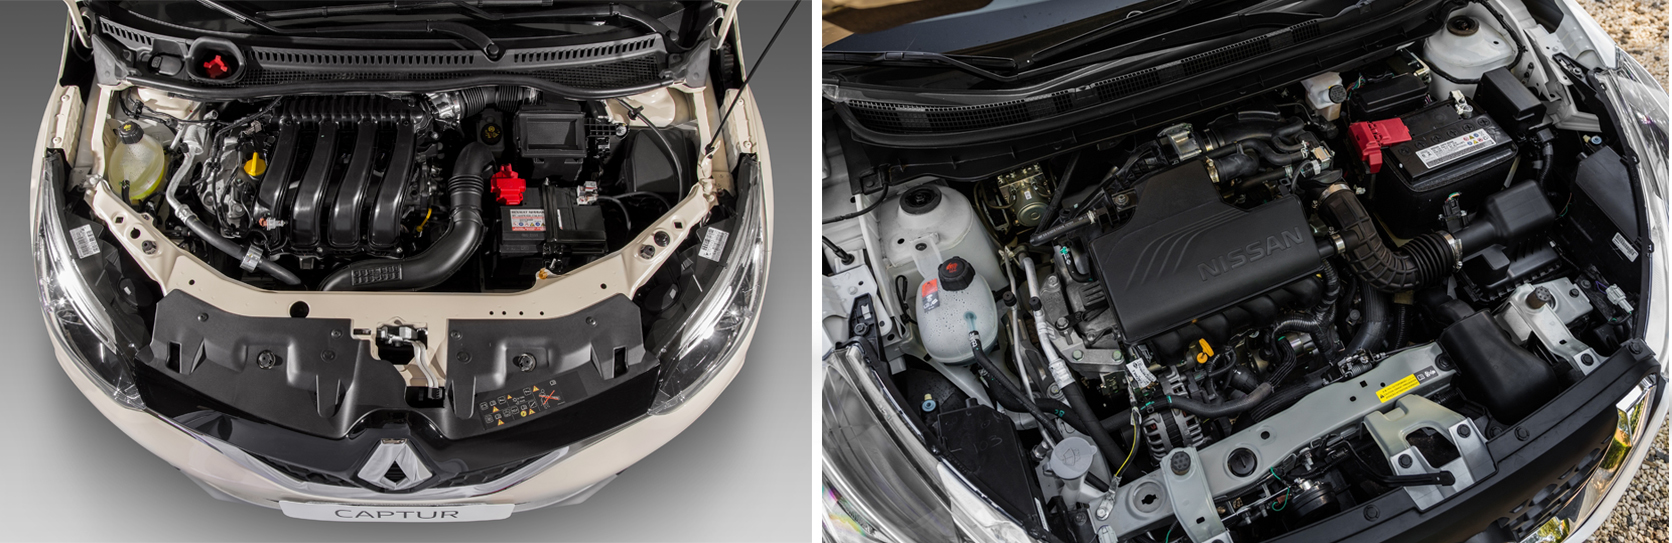 Confira nosso comparativo entre Renault Captur e Nissan Kicks para saber qual SUV vale mais a pena nesta disputa acirrada!